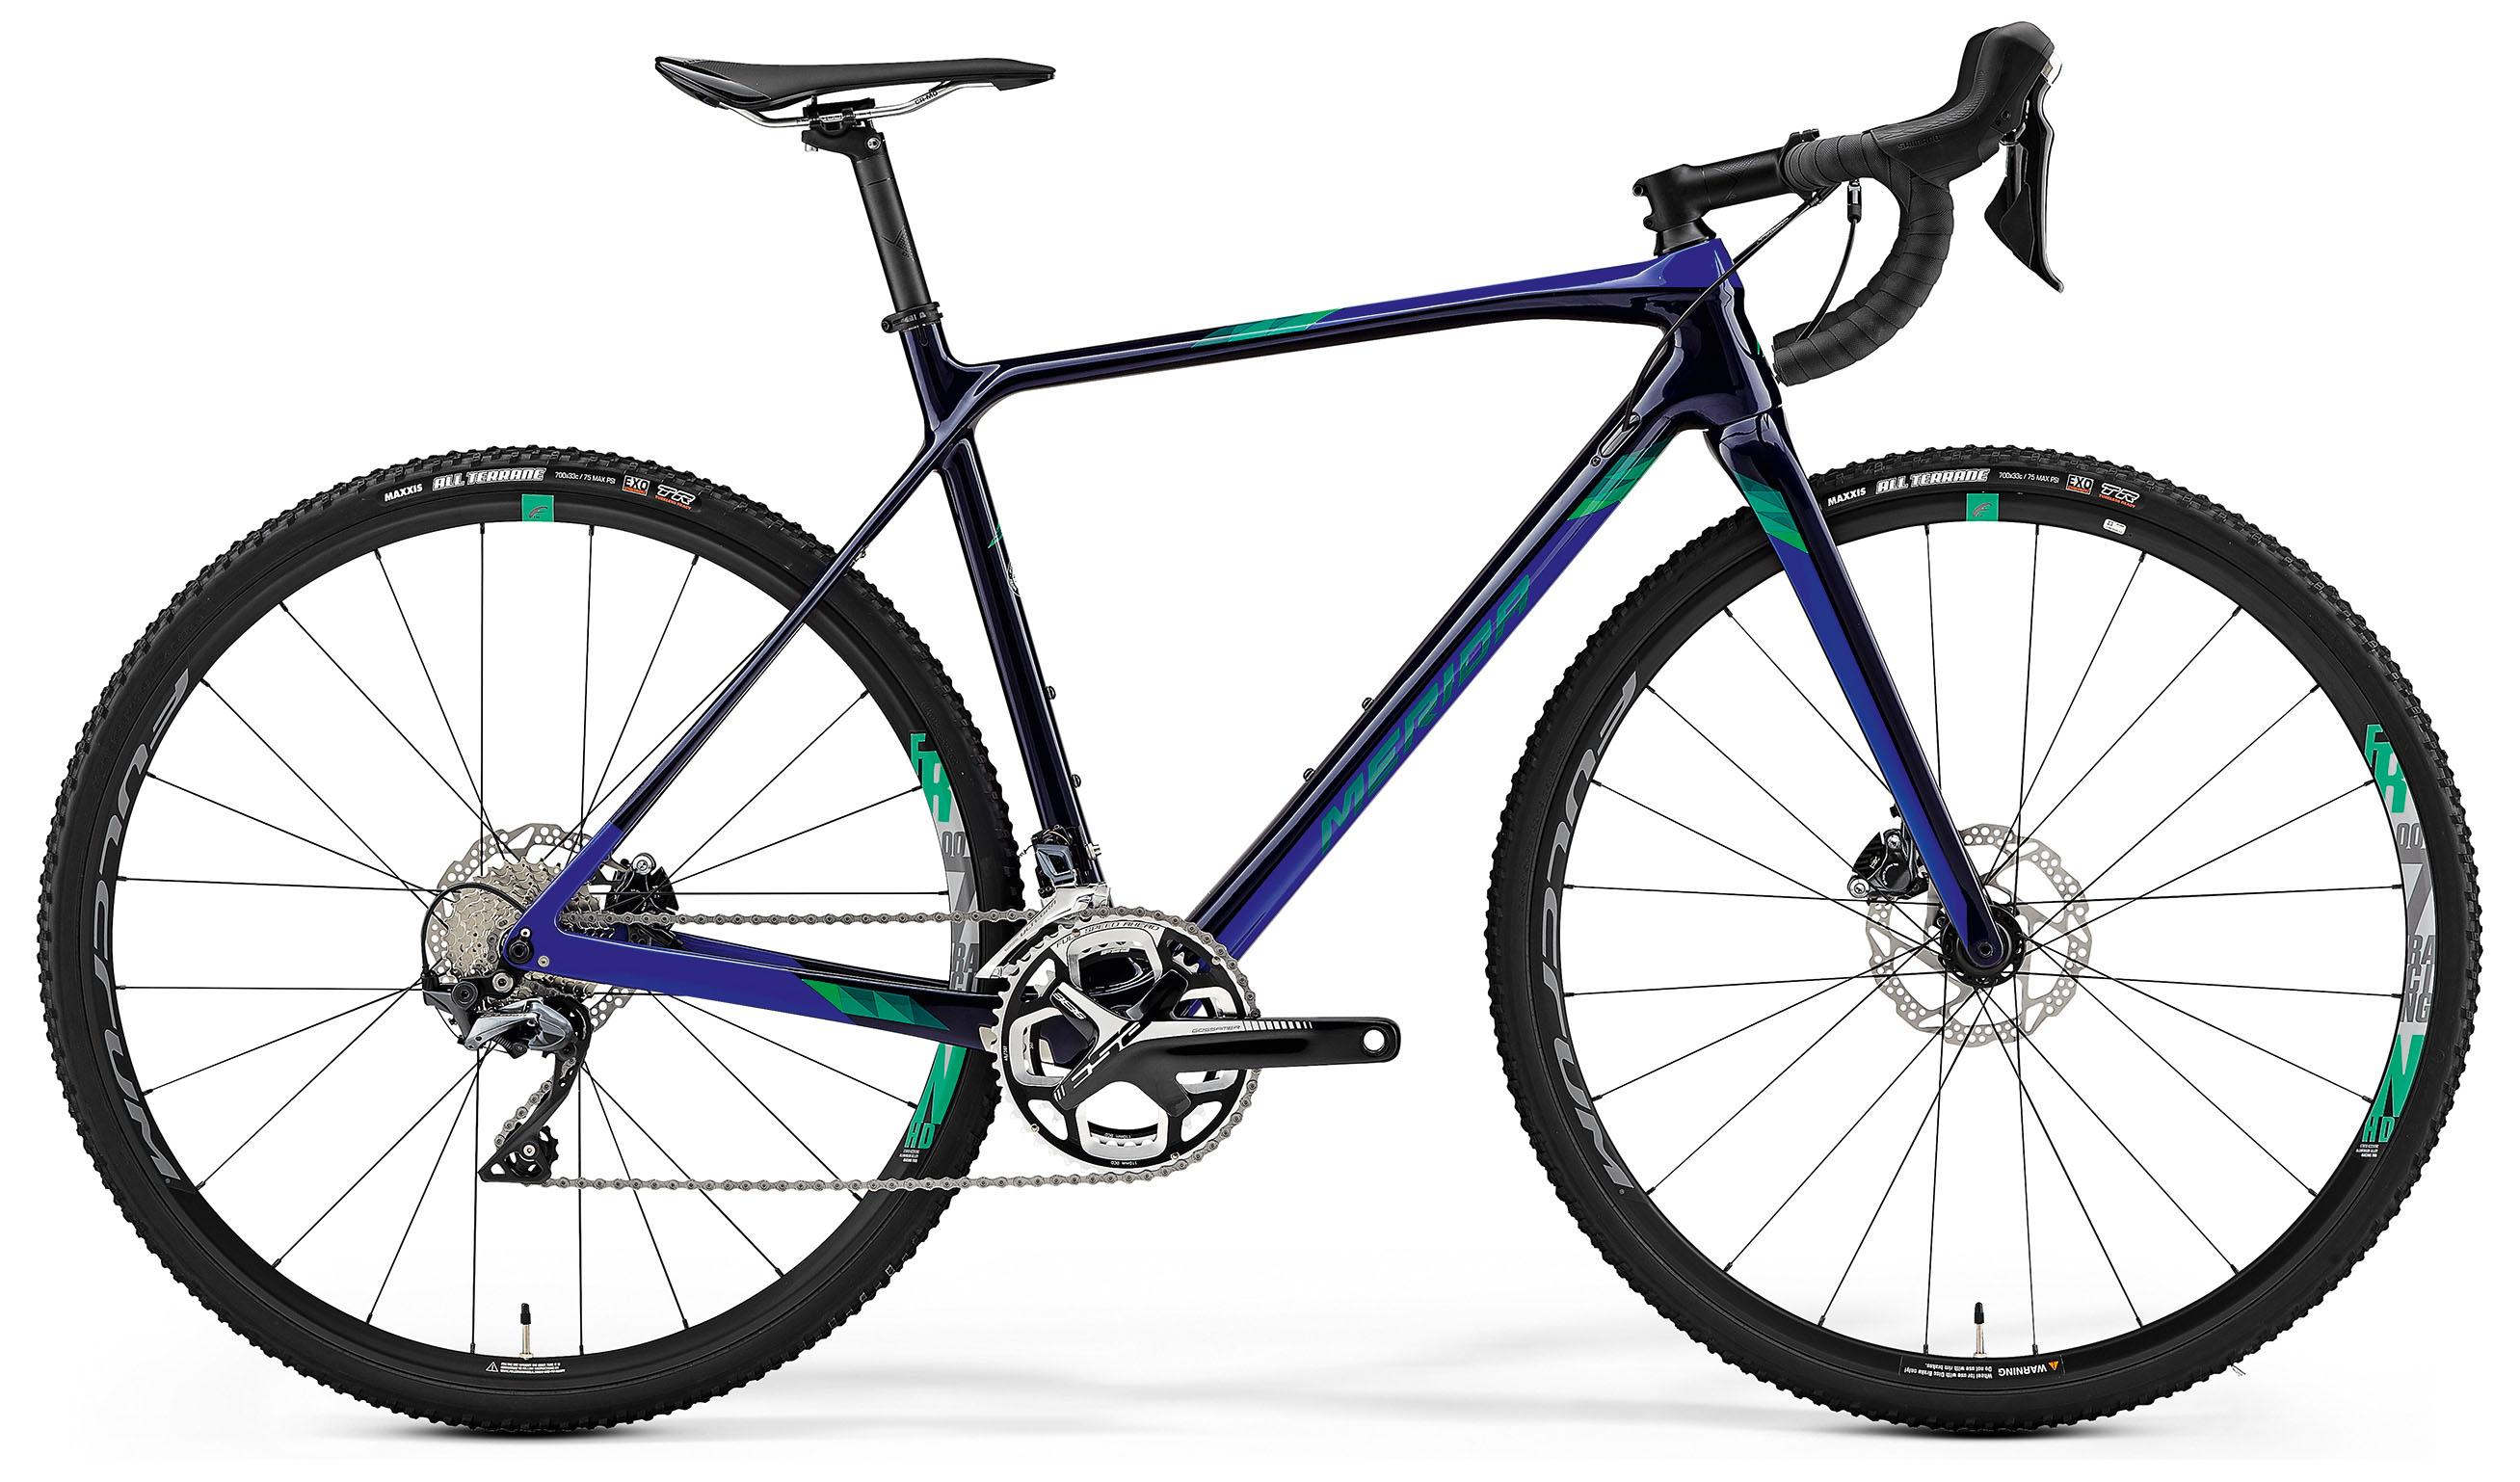 Велосипед Merida Mission CX7000 2019 велосипед merida scultura 4000 tw 2019